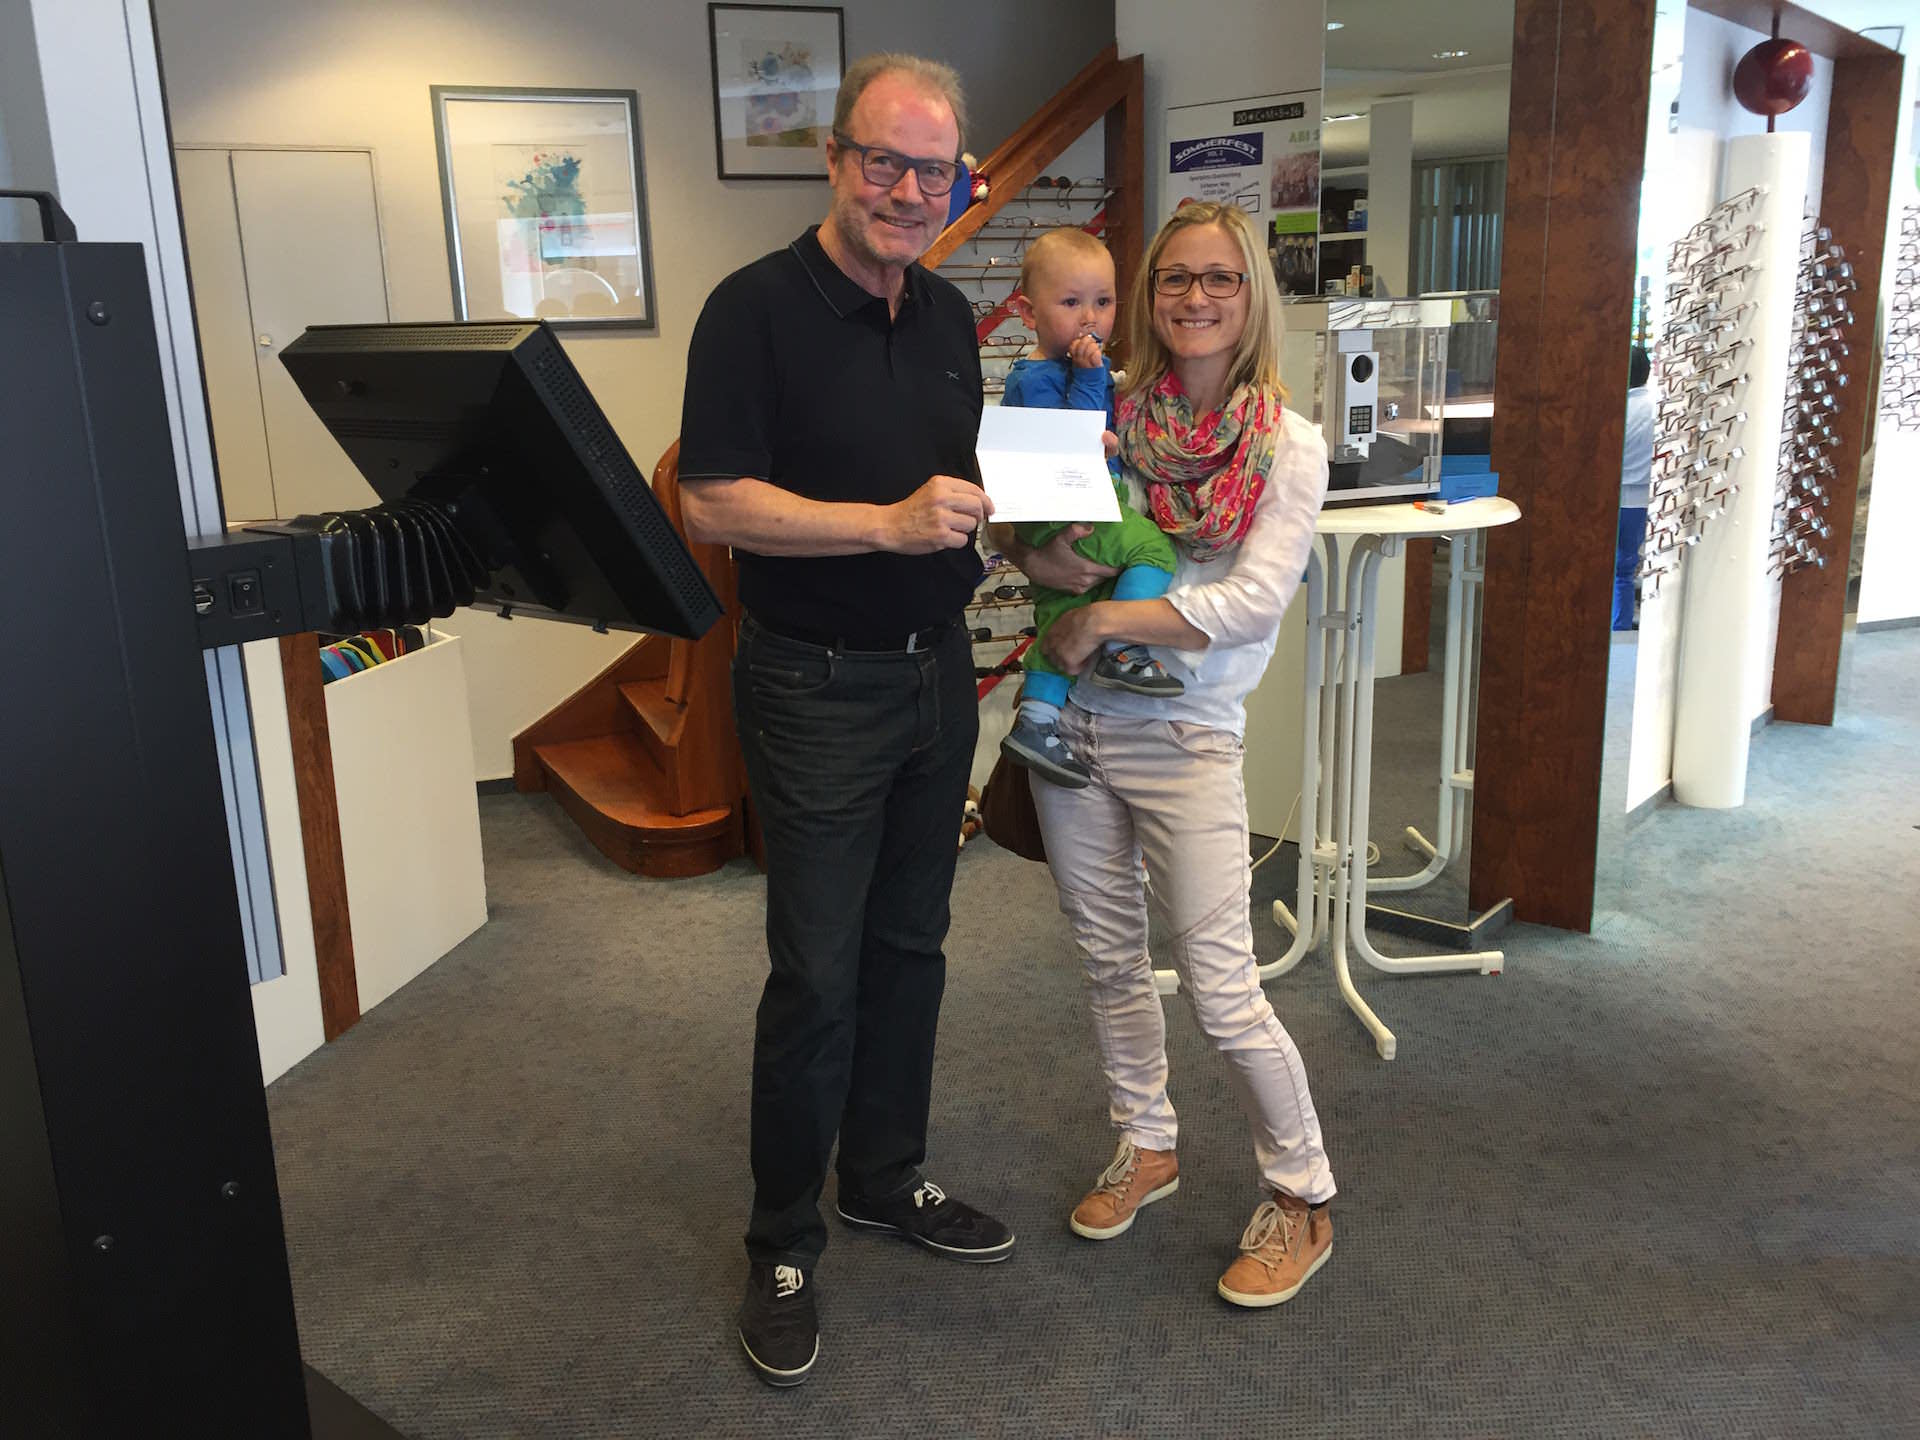 1. Platz: Sonja Waffenholz - 200 € Gutschein